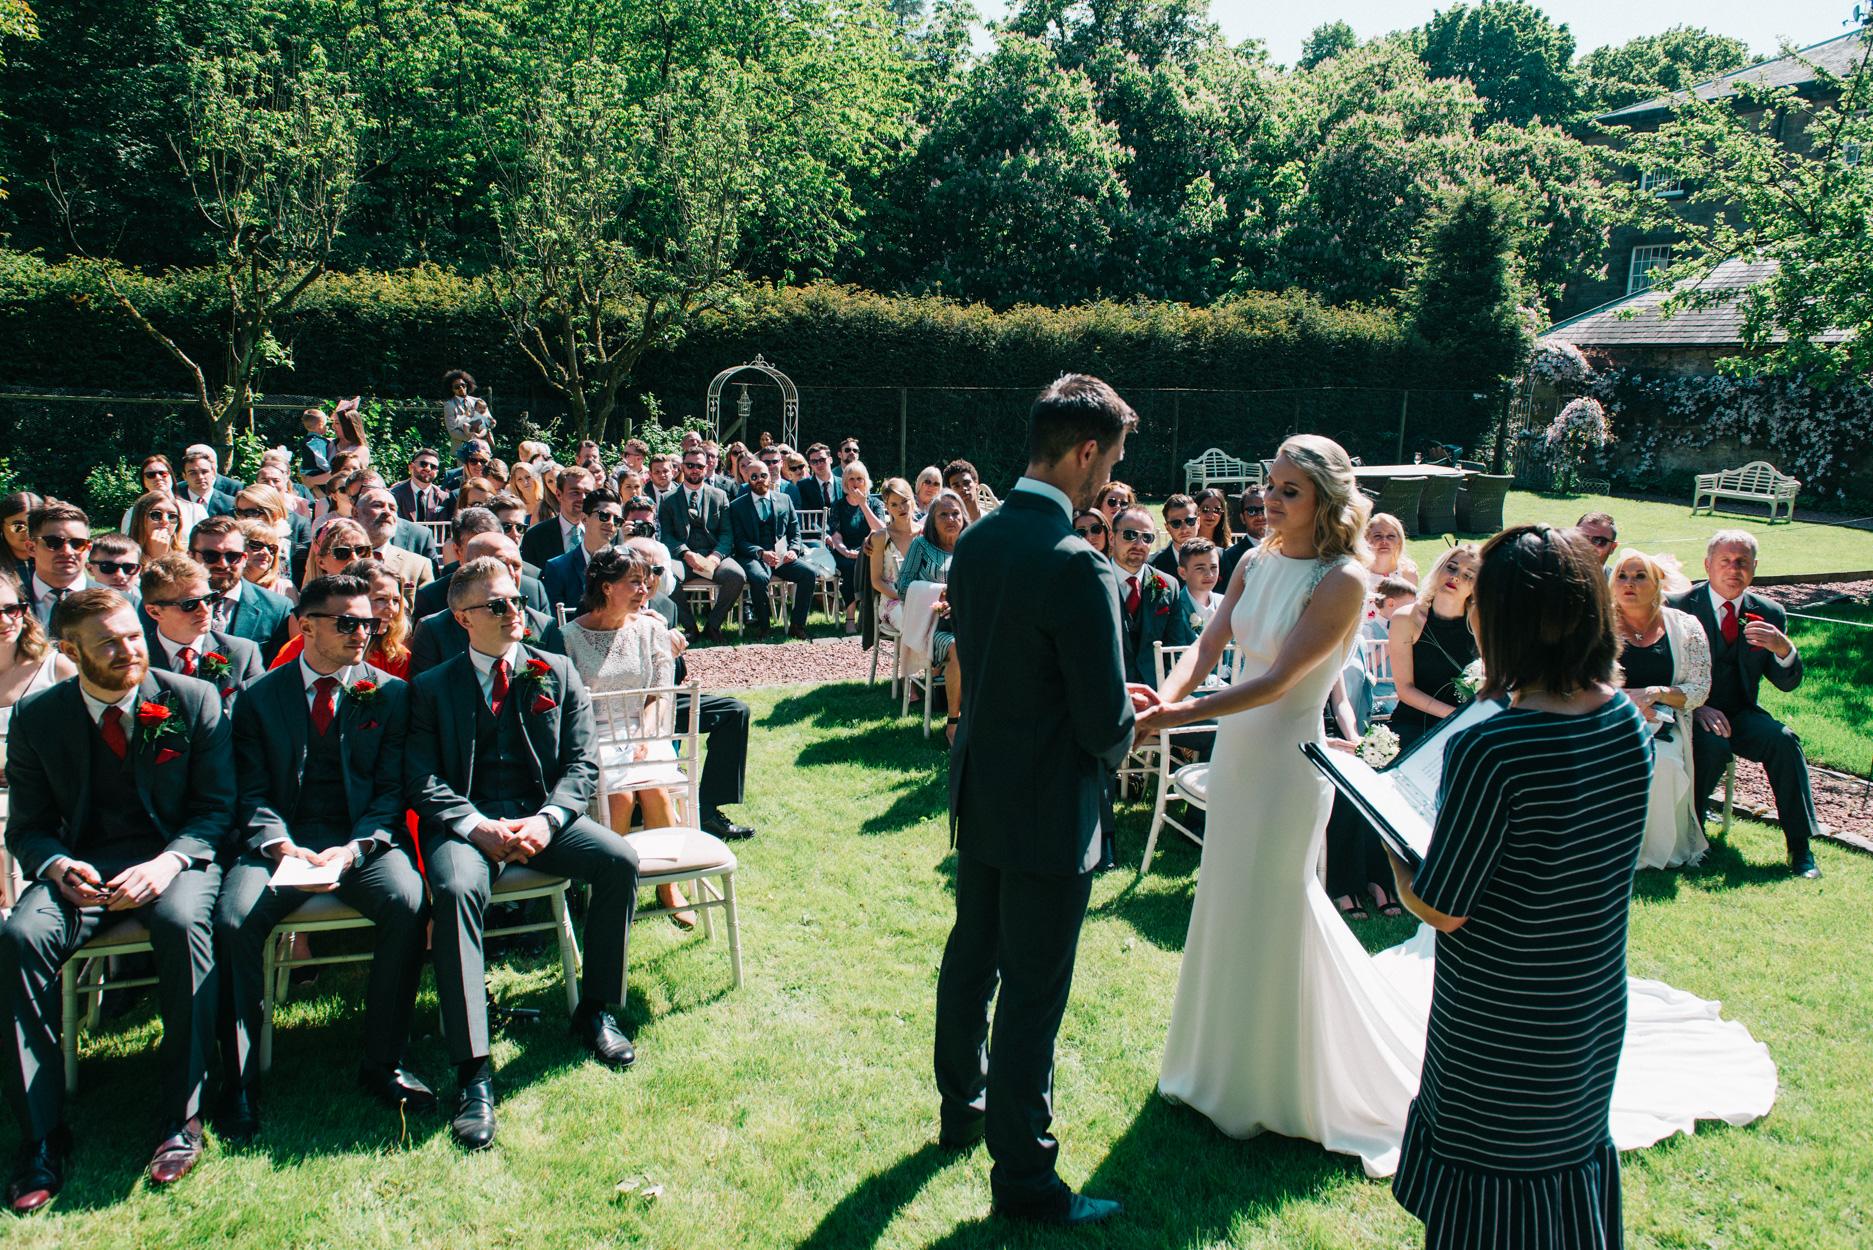 Shotton Grange - Belle Bridal Venue Guest List